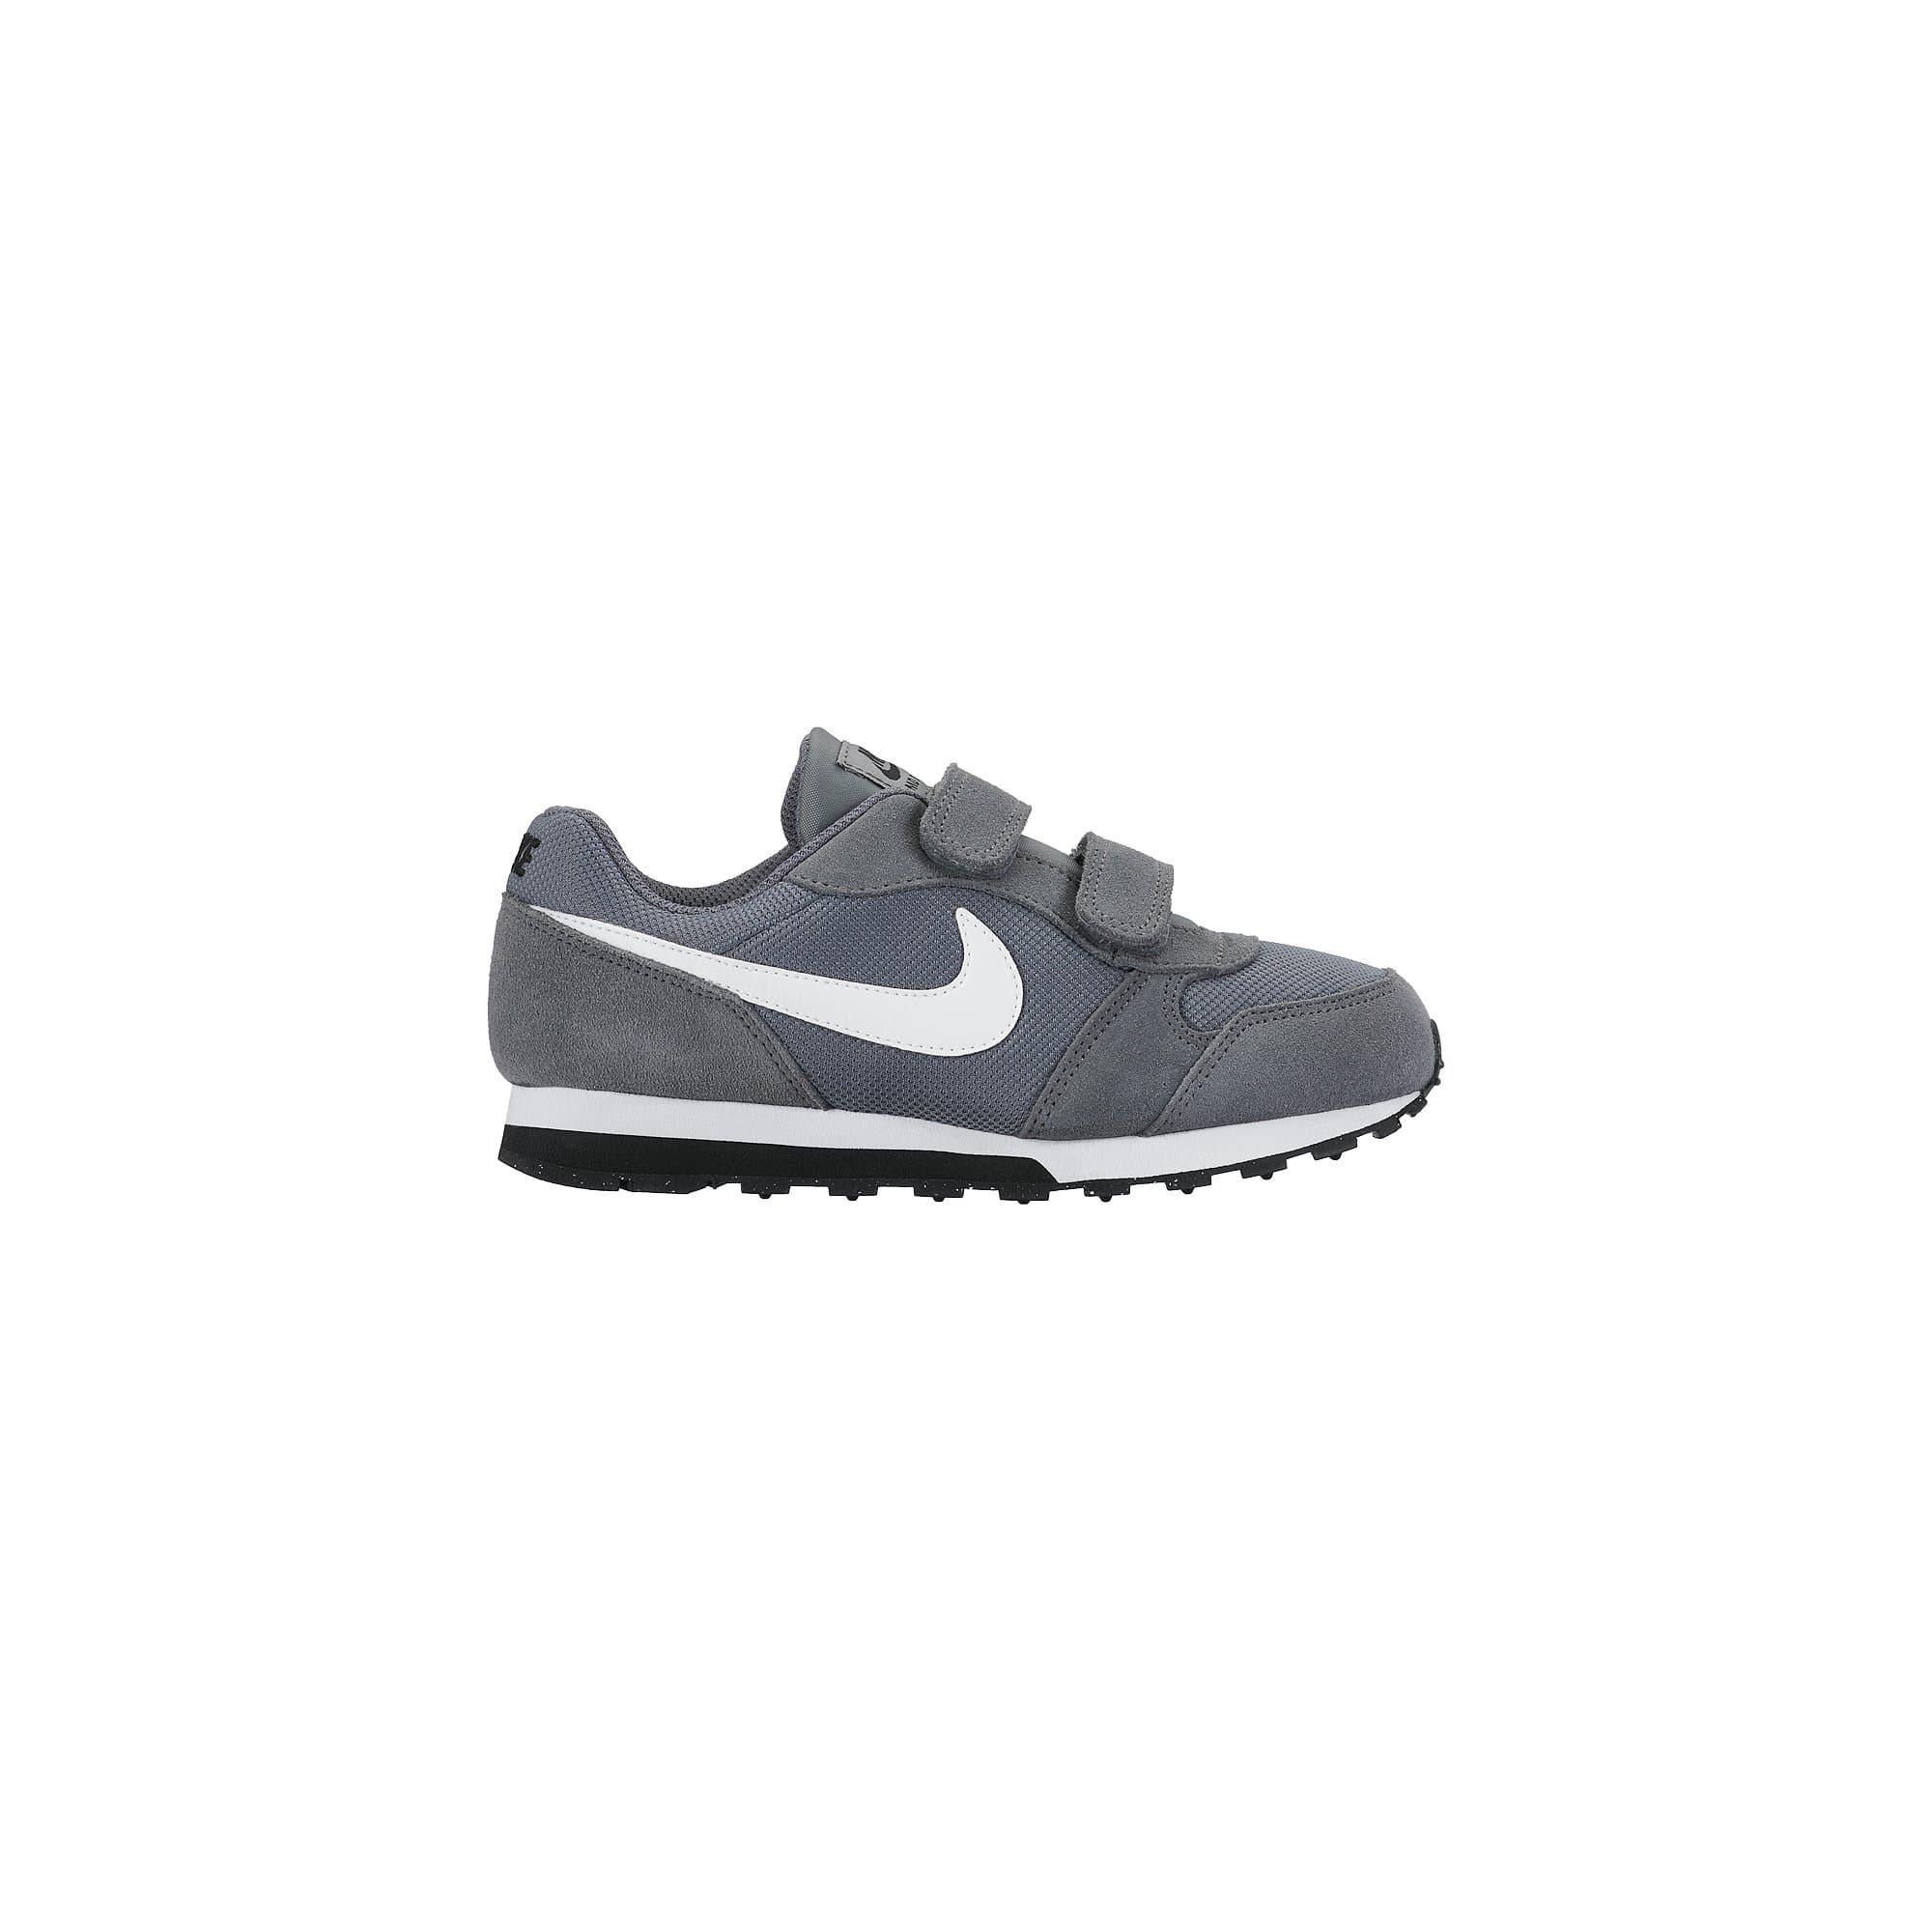 Nike MD Runner 2 Kinder Freizeitschuh